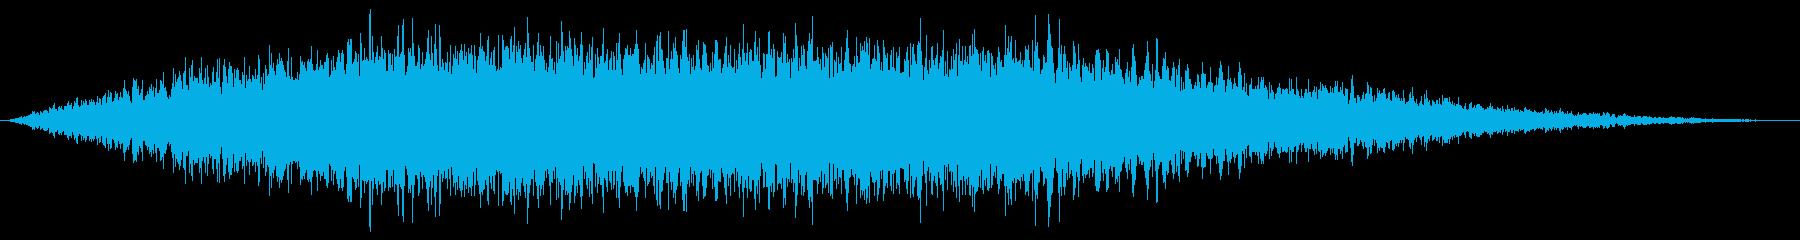 宇宙船が通り過ぎるような効果音の再生済みの波形